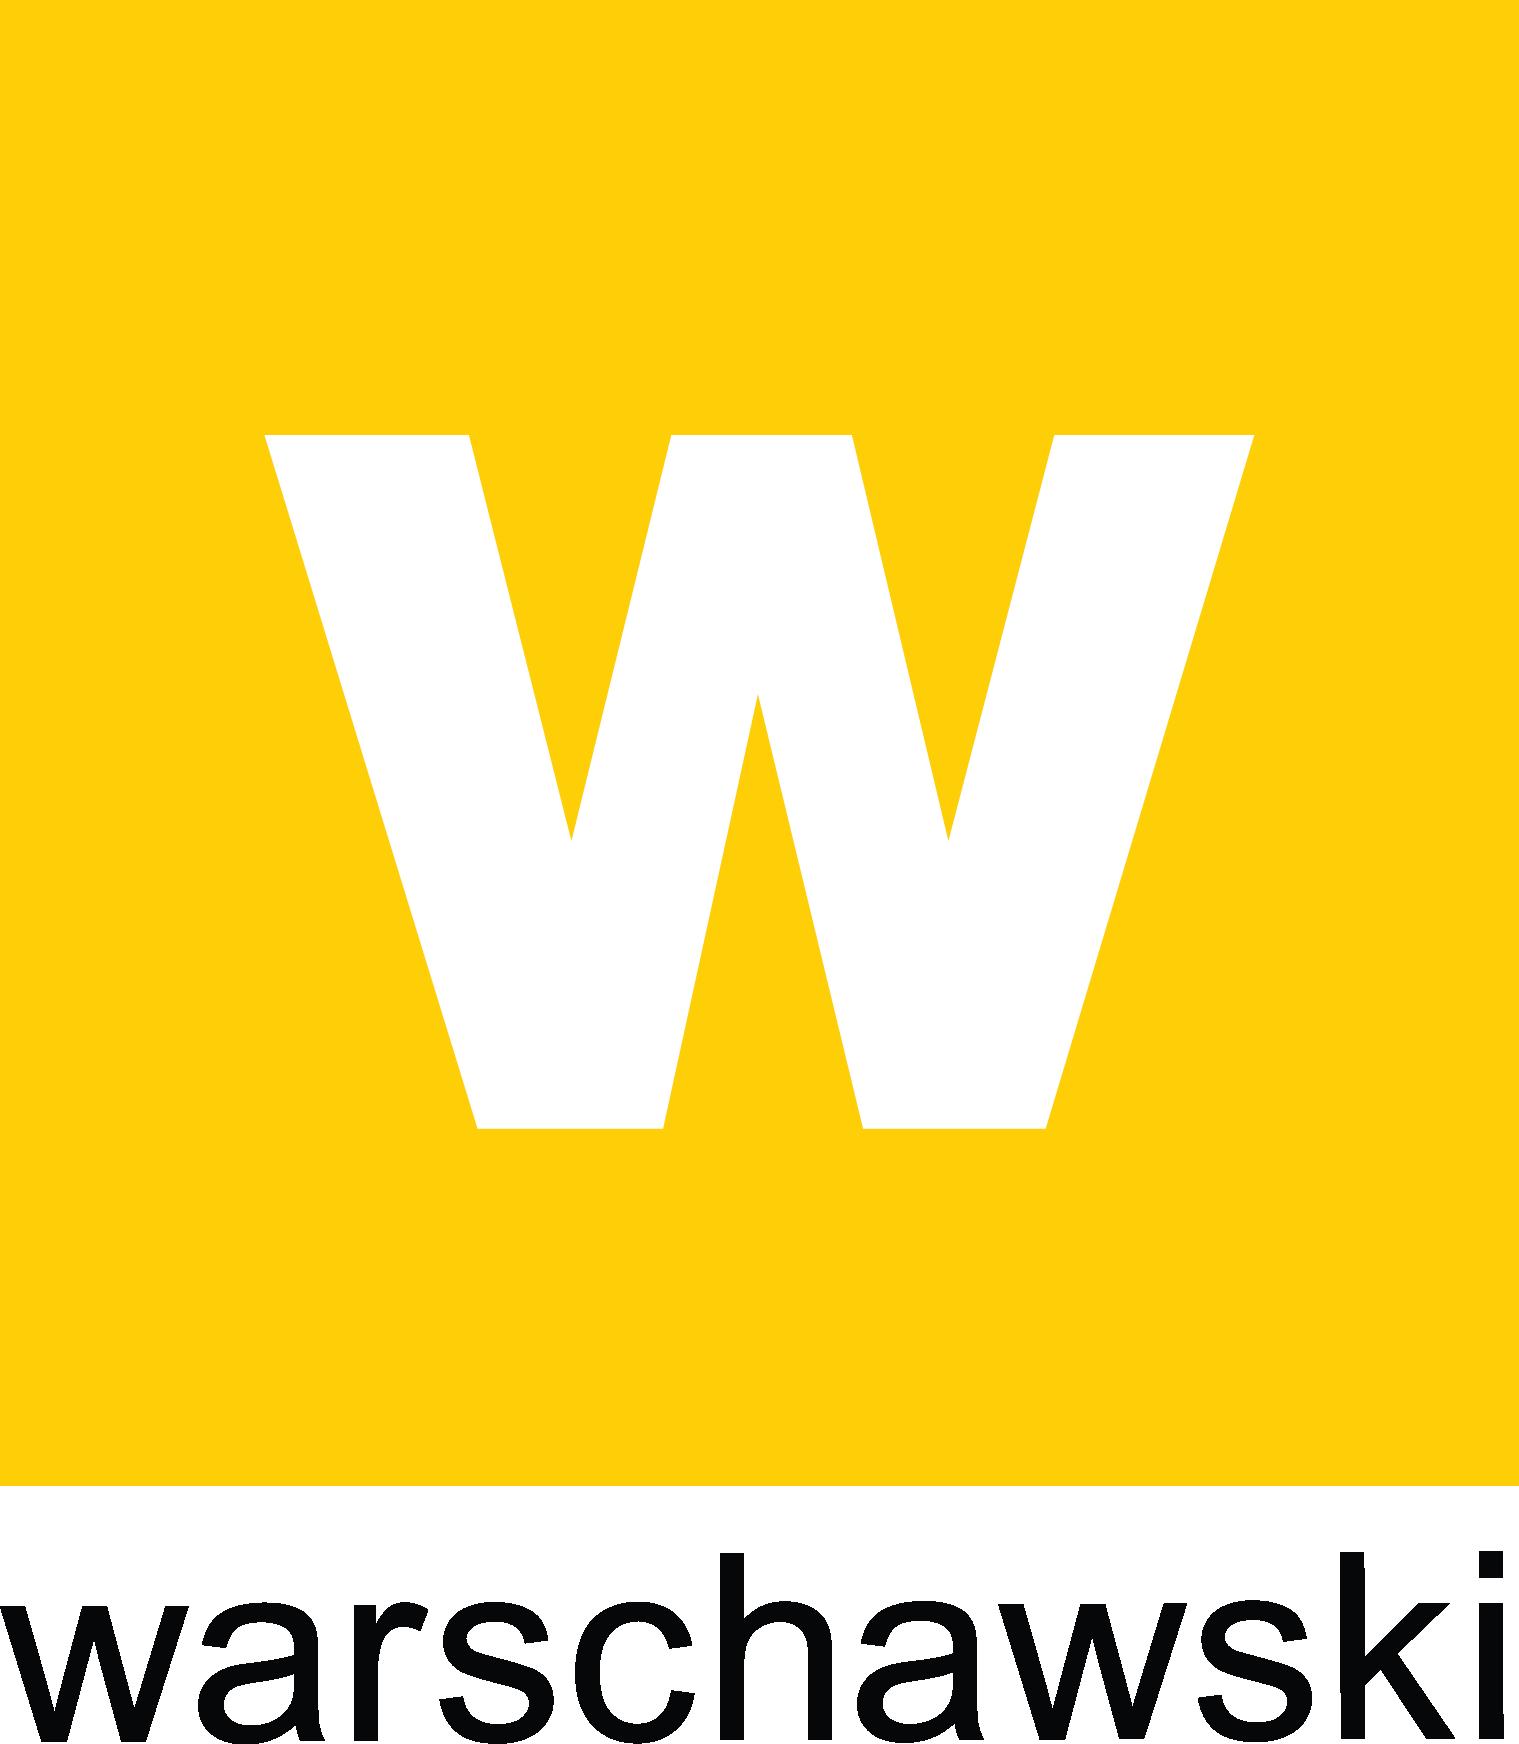 Warschaswki